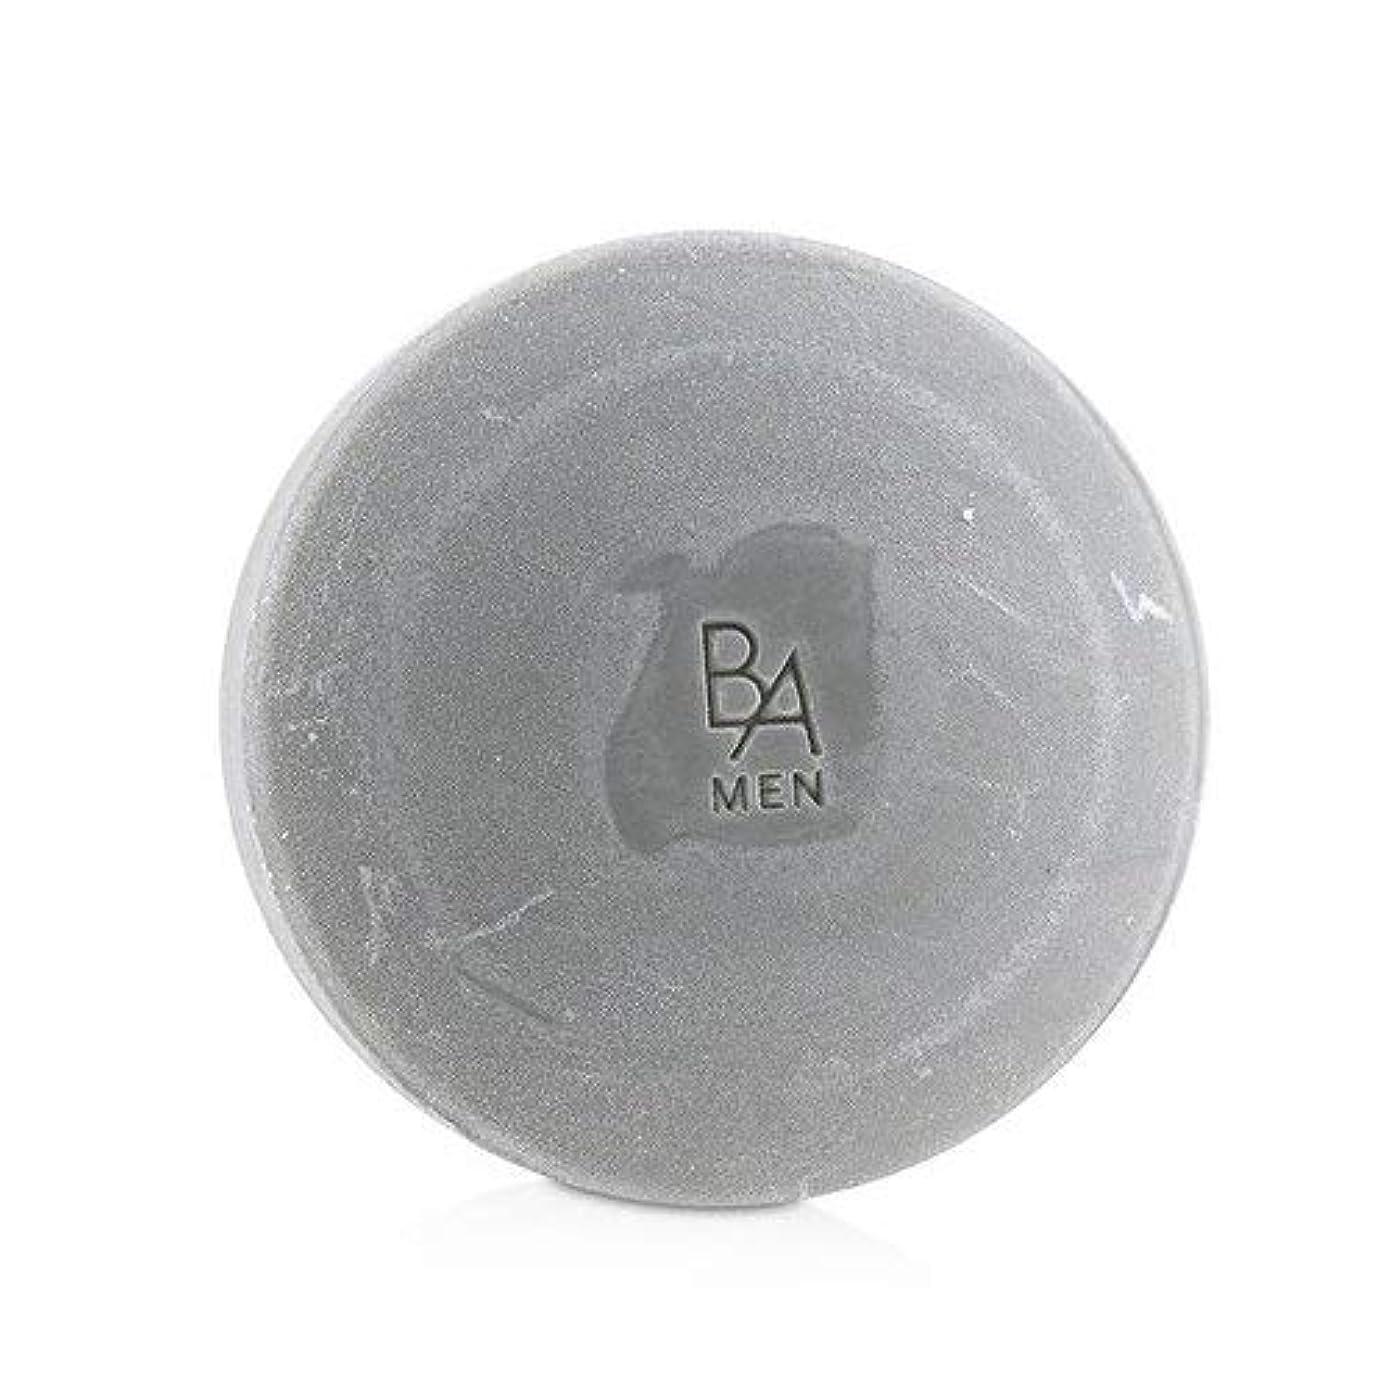 スナックフルーツブラストPOLA ポーラ B.A MEN ザ ソープ 100g